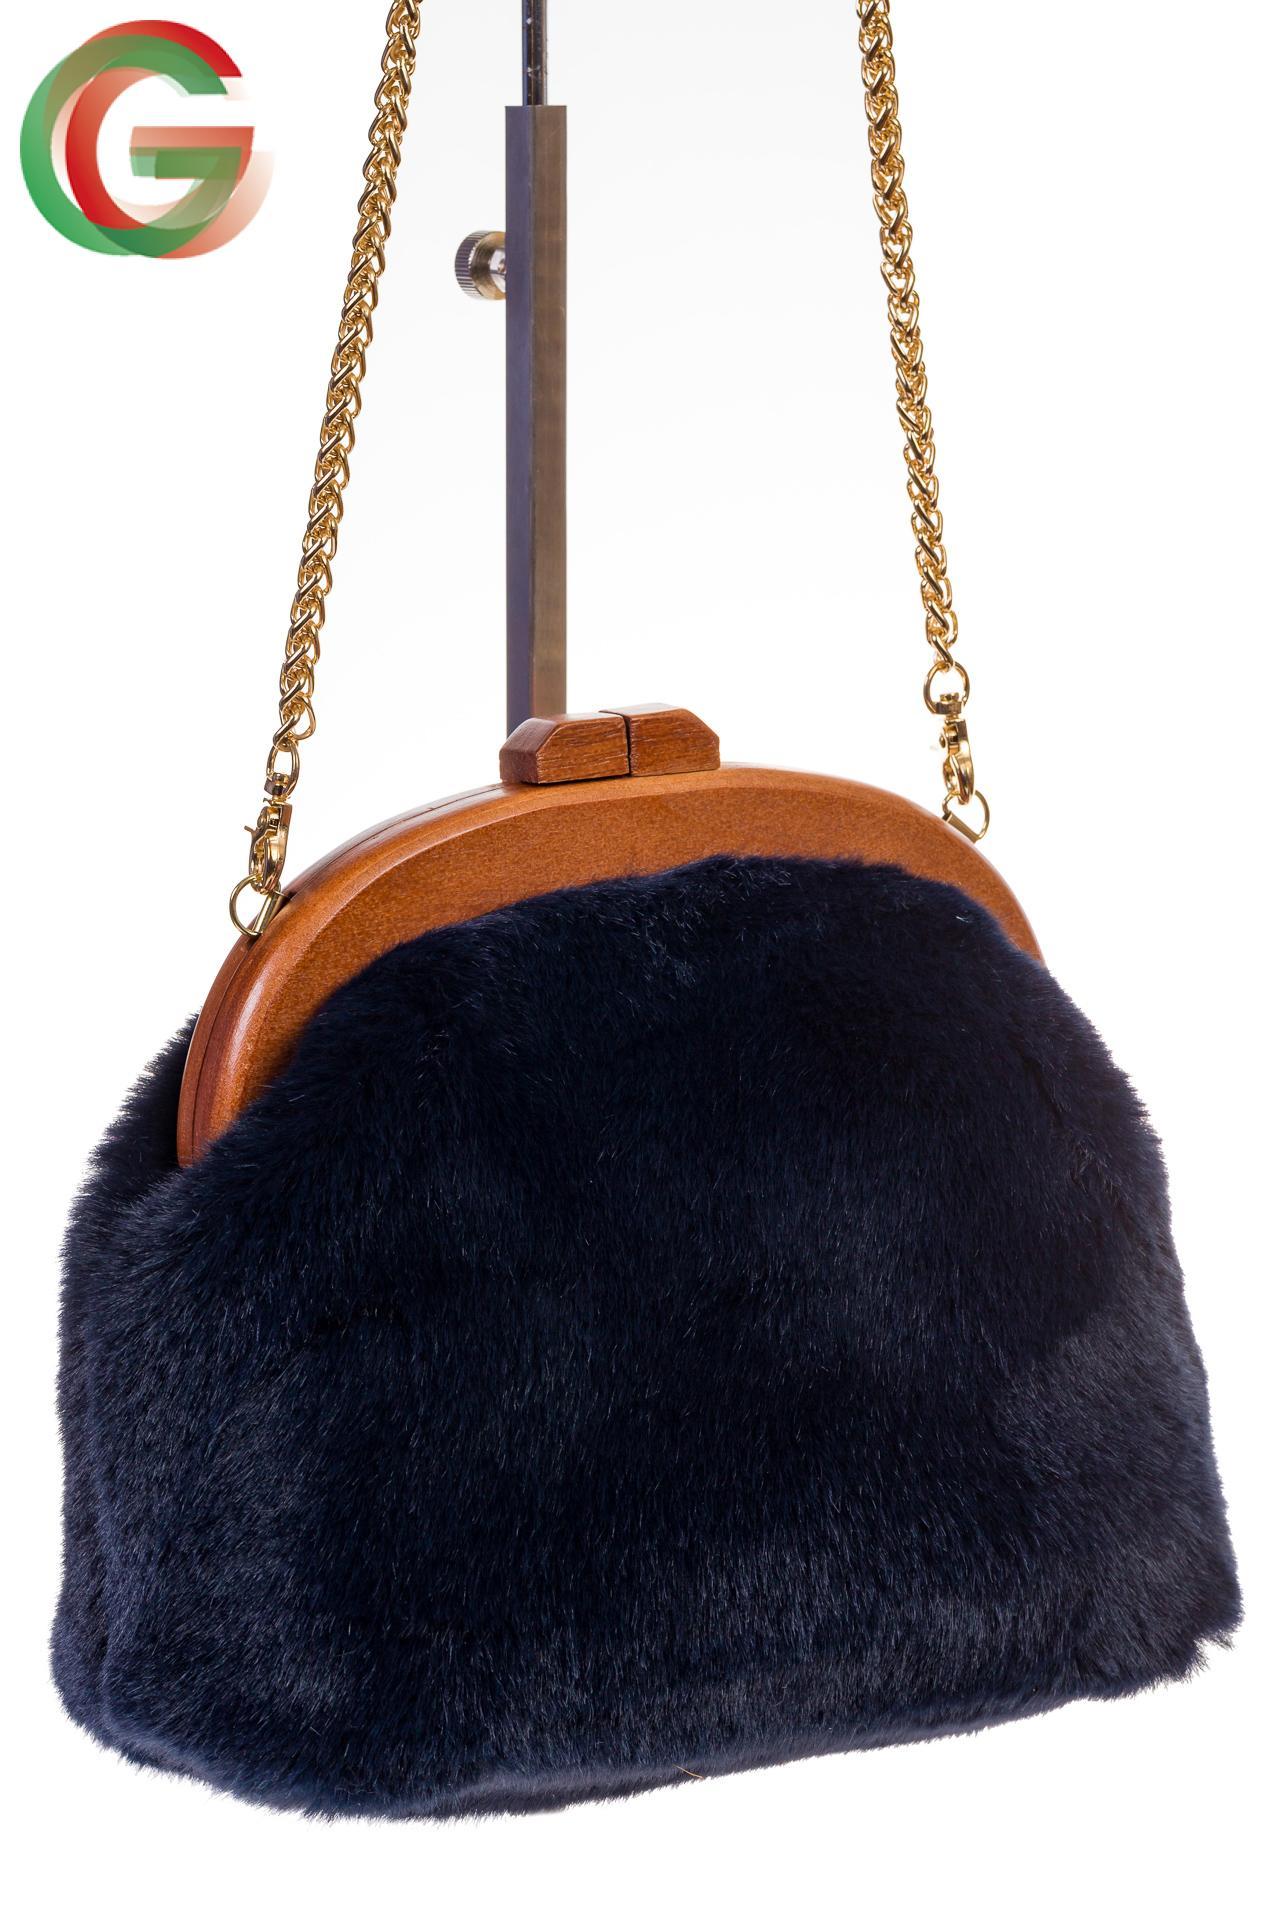 99cd467bba56 Как выбрать зимнюю сумку   модные сумочки зимы 2018/2019